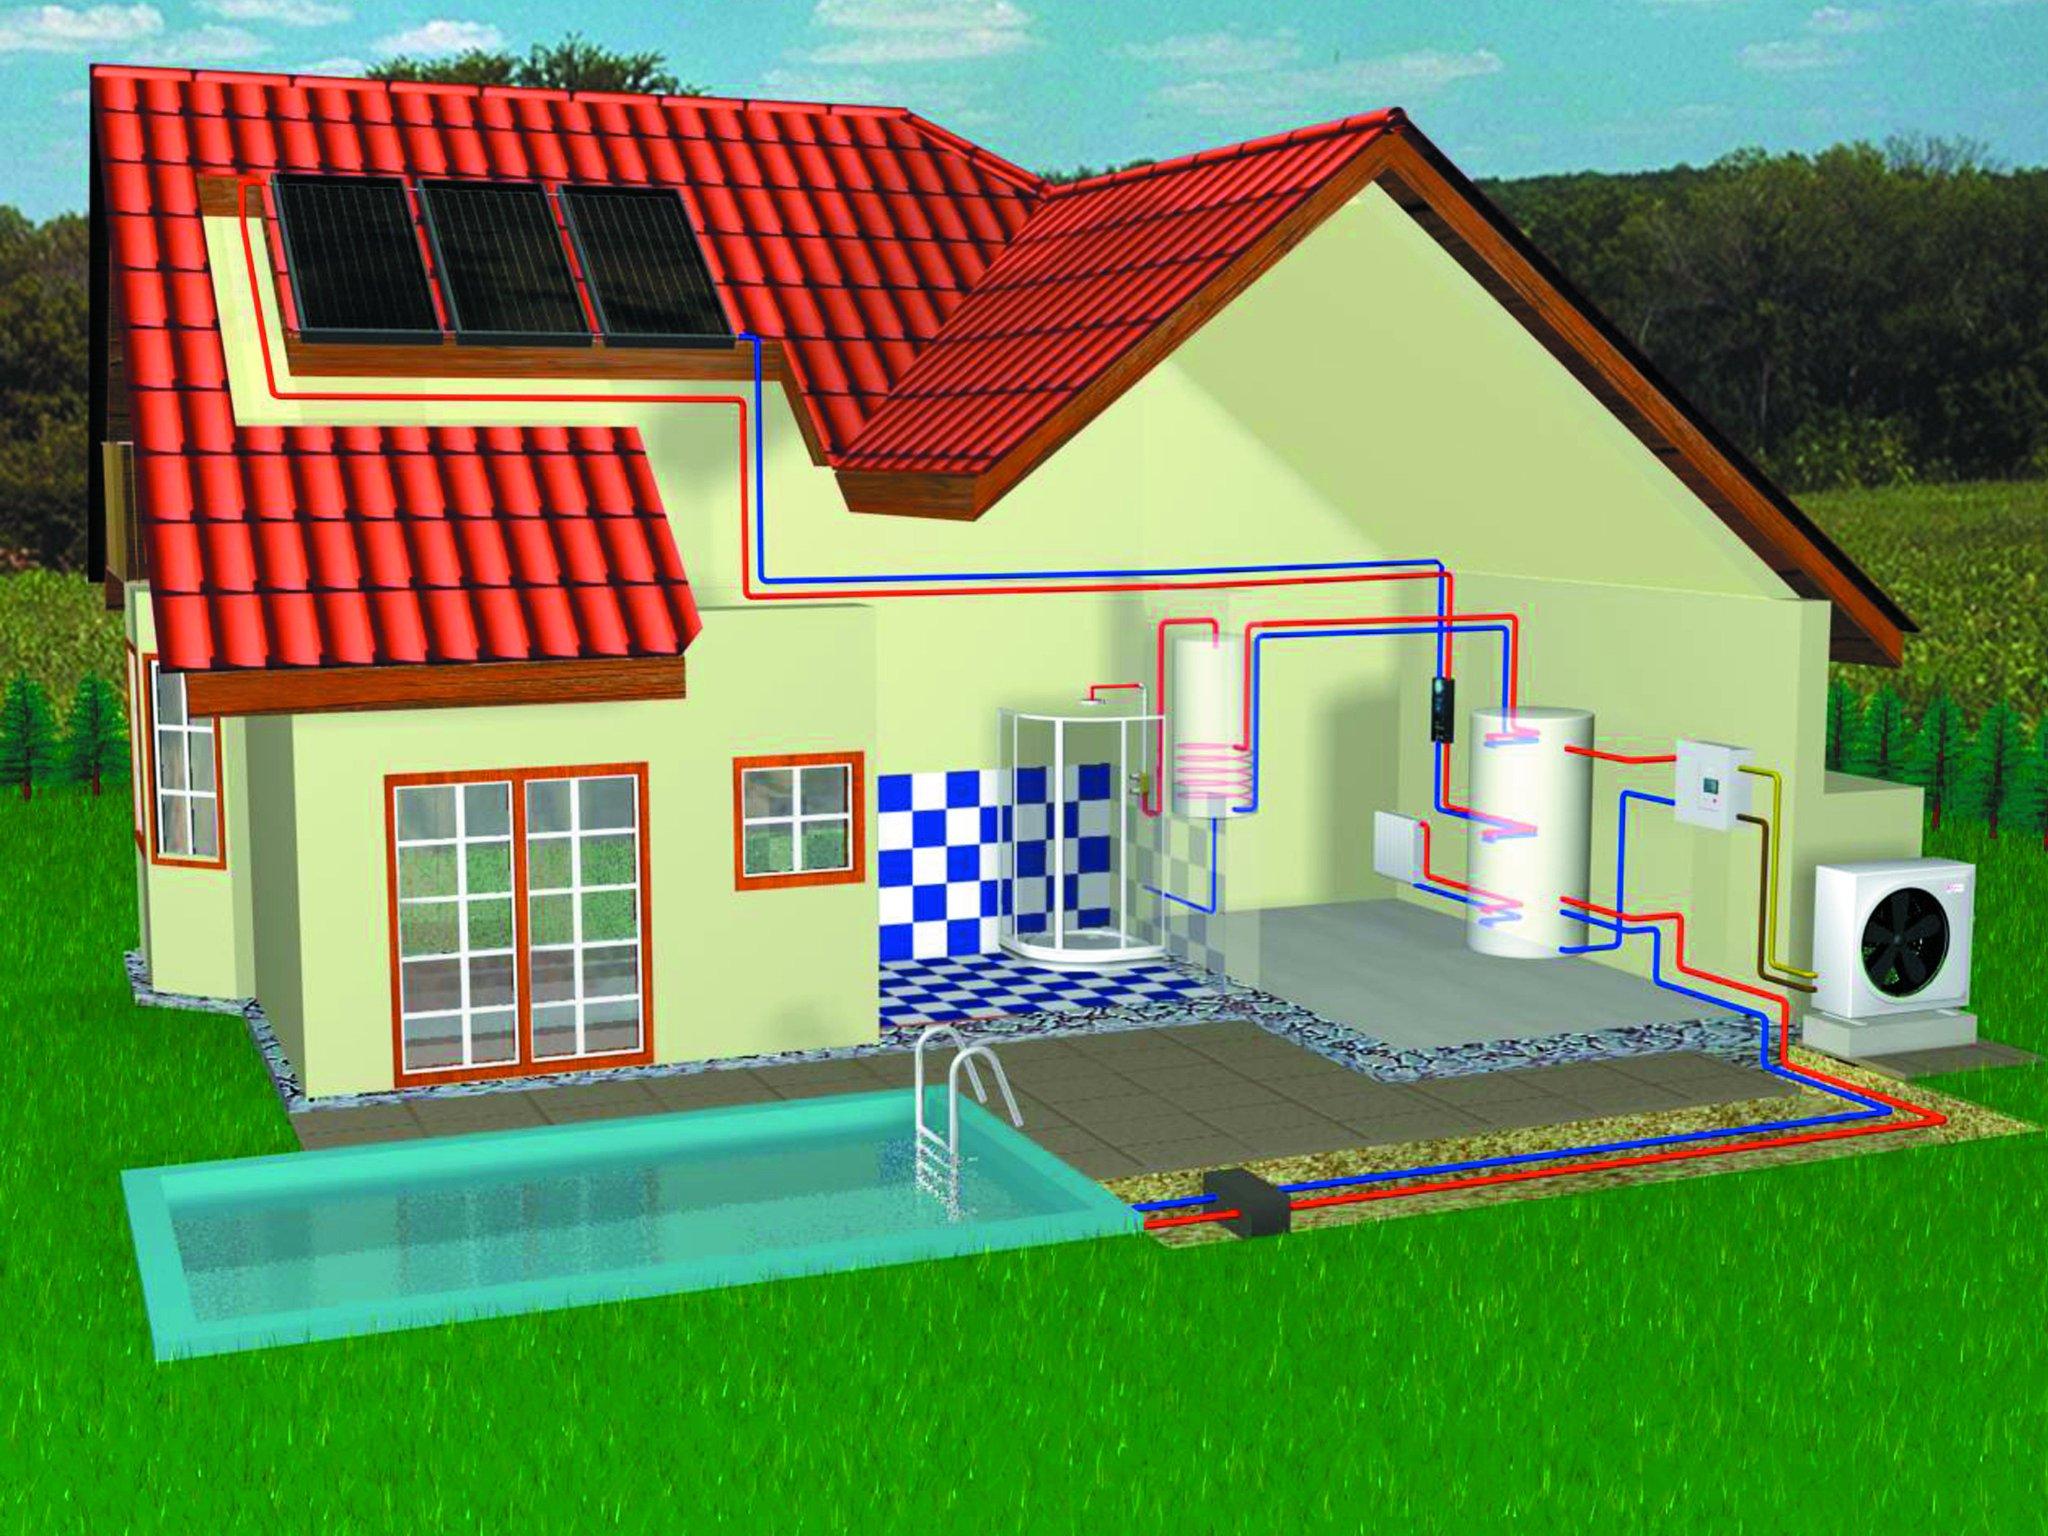 Энергосберегающие системы и технологии для отопления частного дома нового поколения